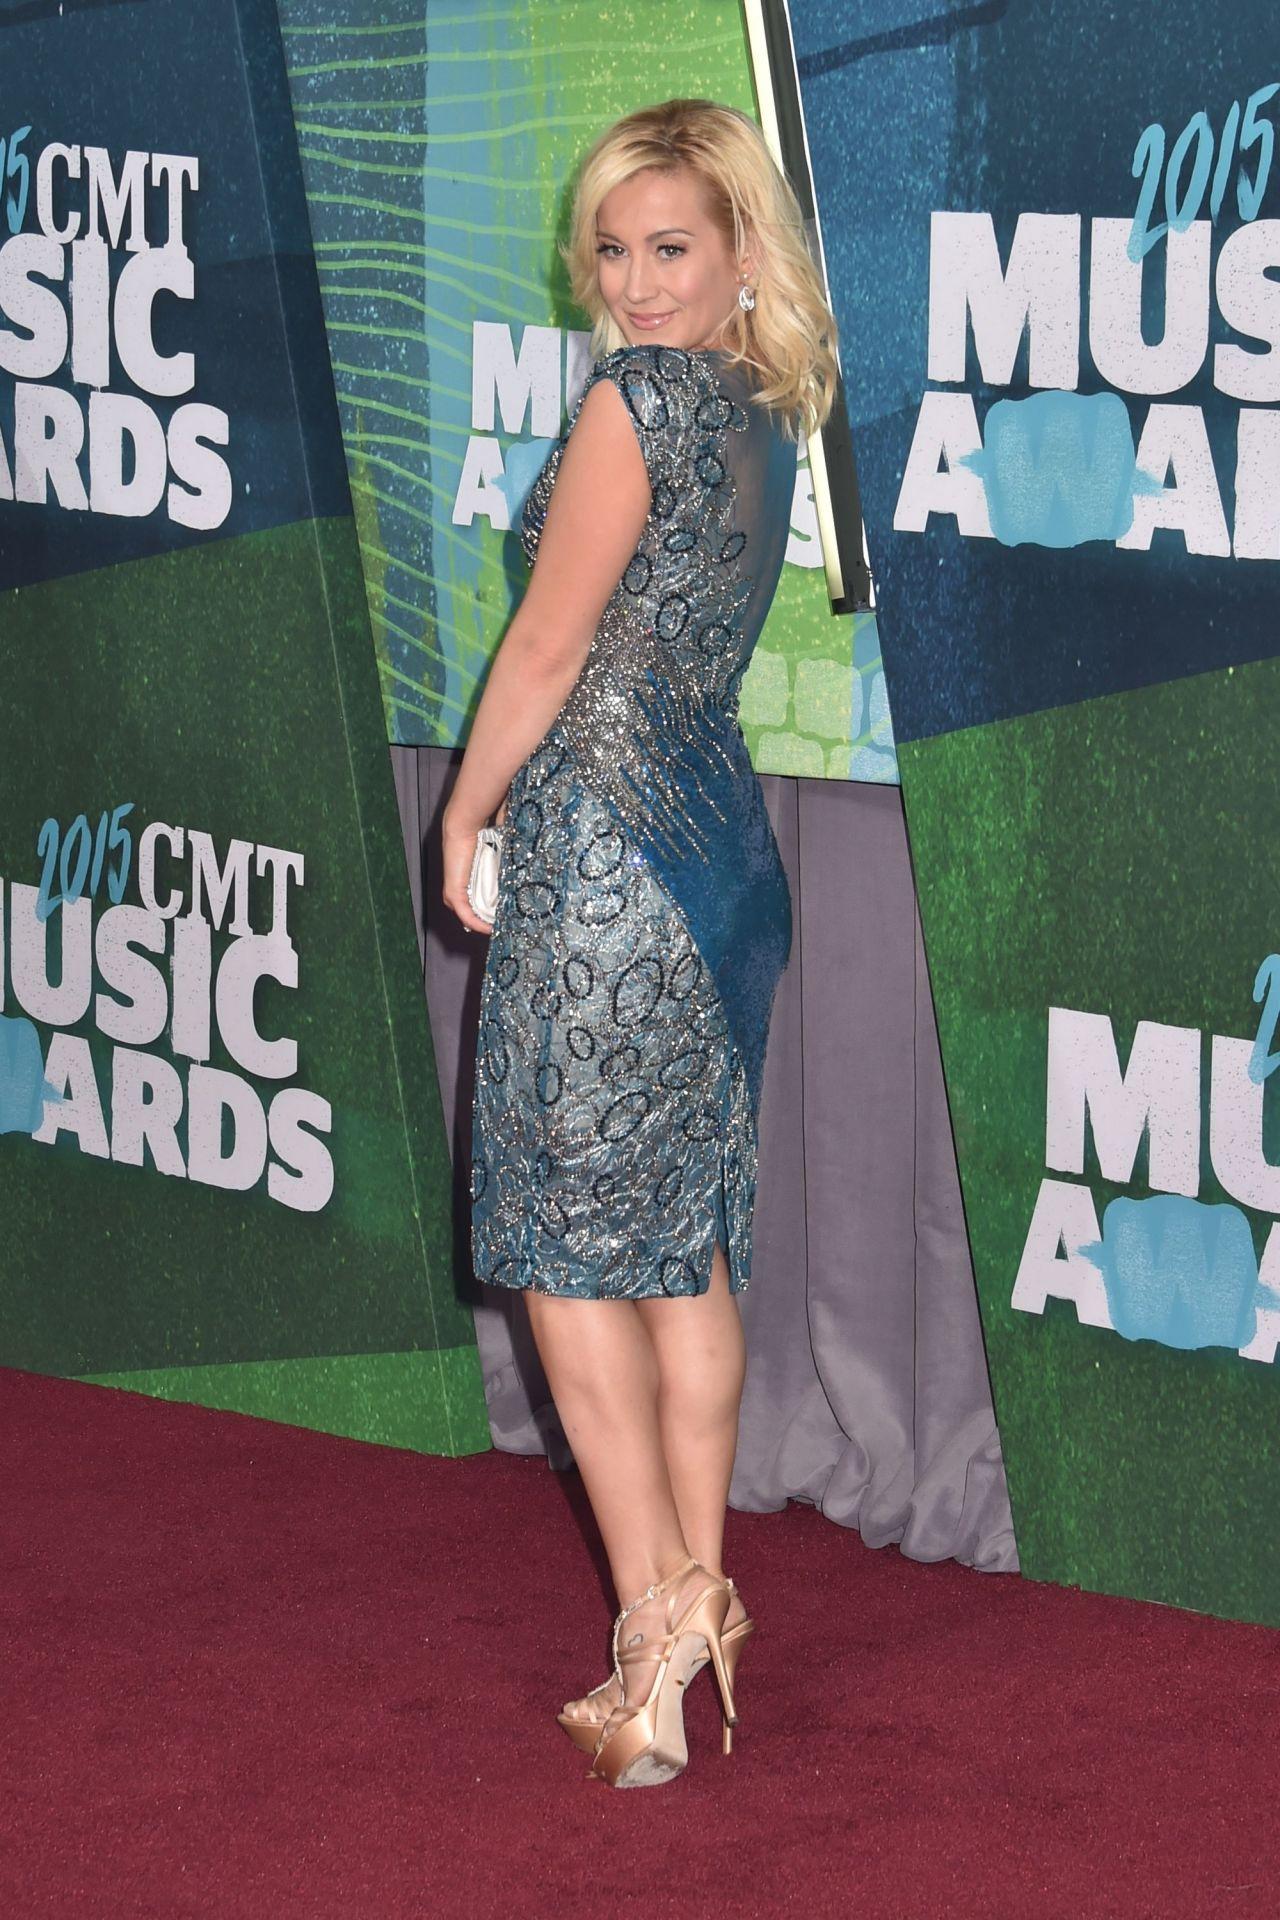 Kellie Pickler 2015 Cmt Music Awards In Nashville